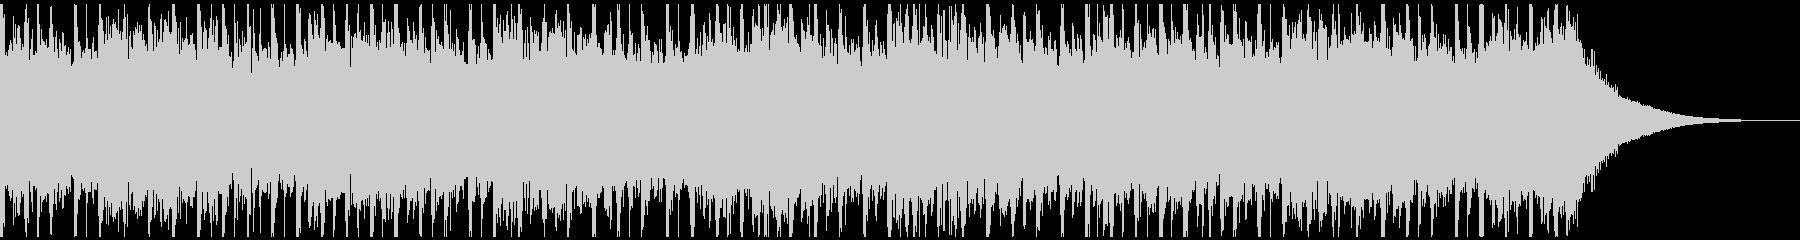 シリアスコーポレーション(39秒)の未再生の波形